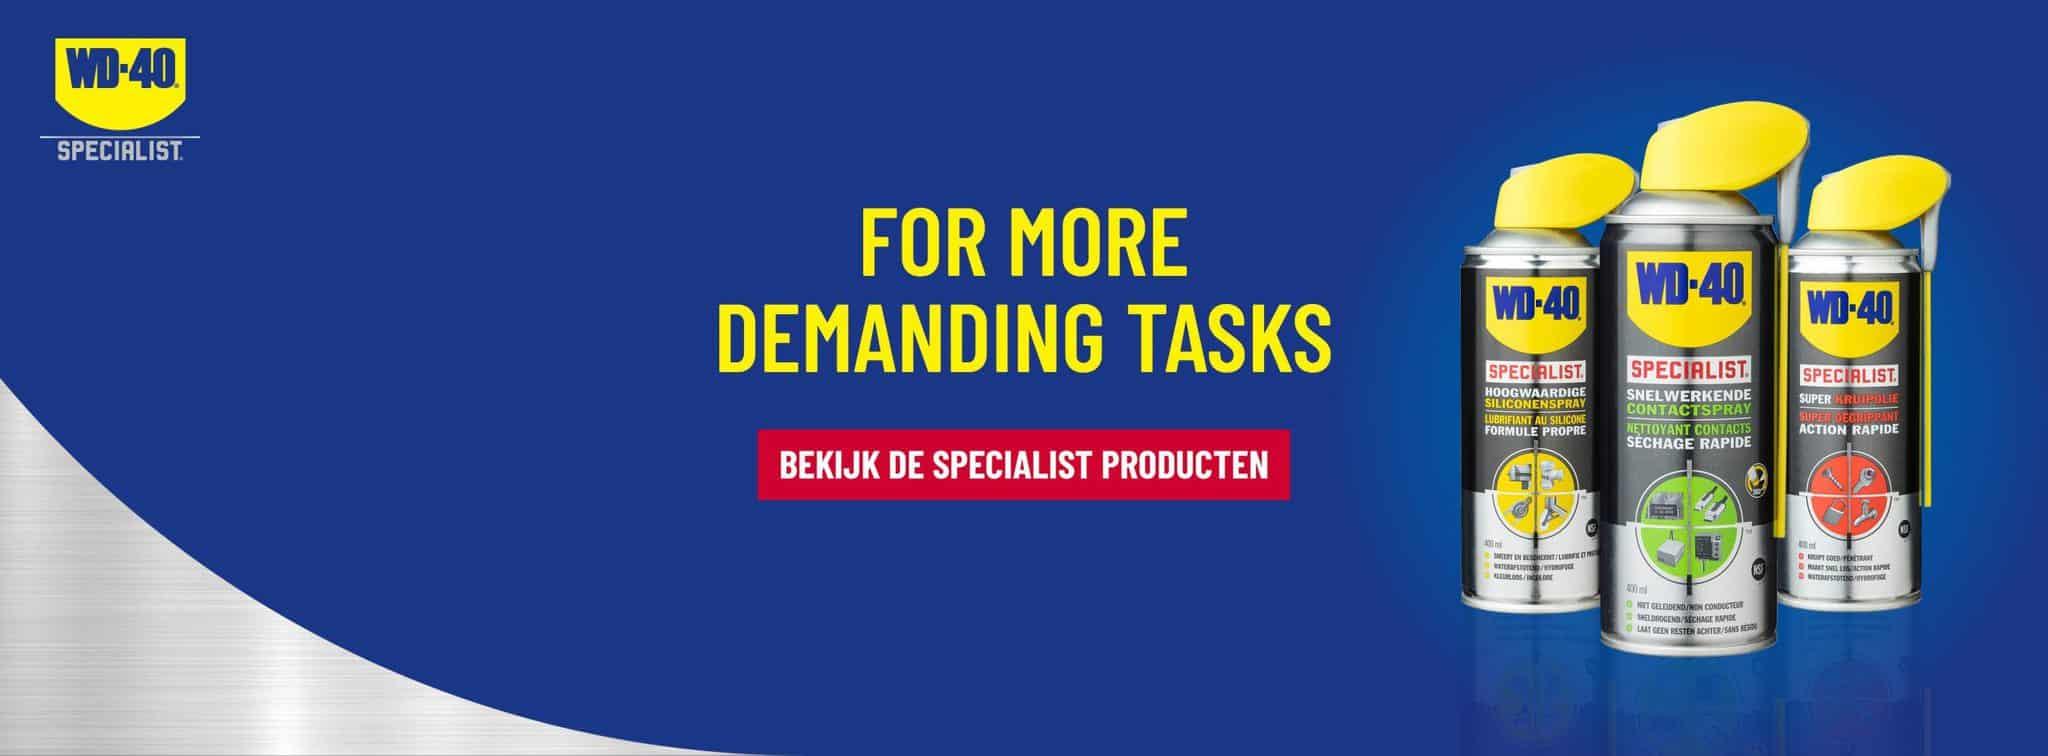 Bekijk de Specialist producten - WD-40 specialist be